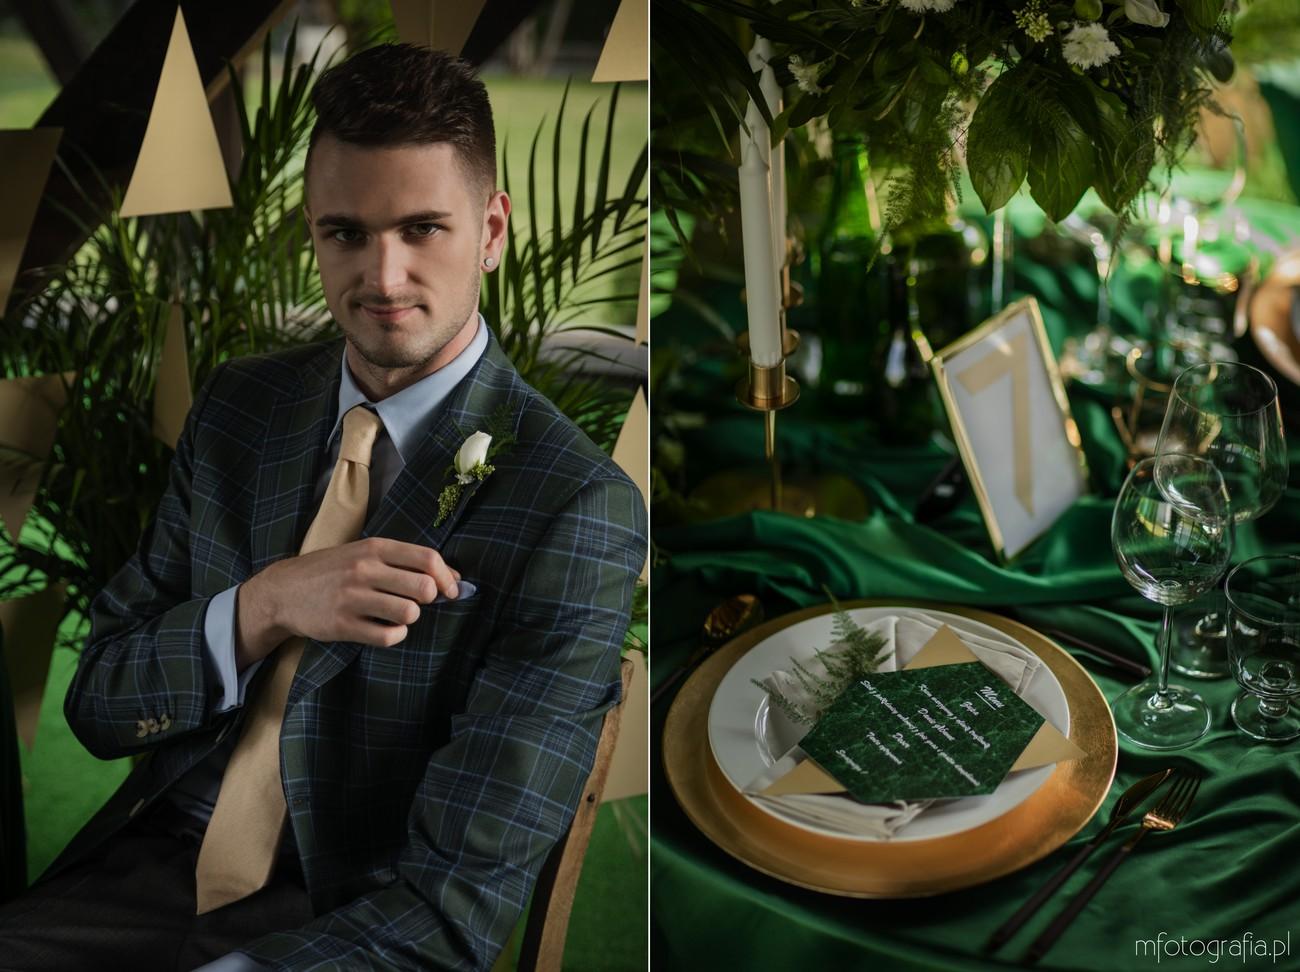 zielony garnitur pana młodego